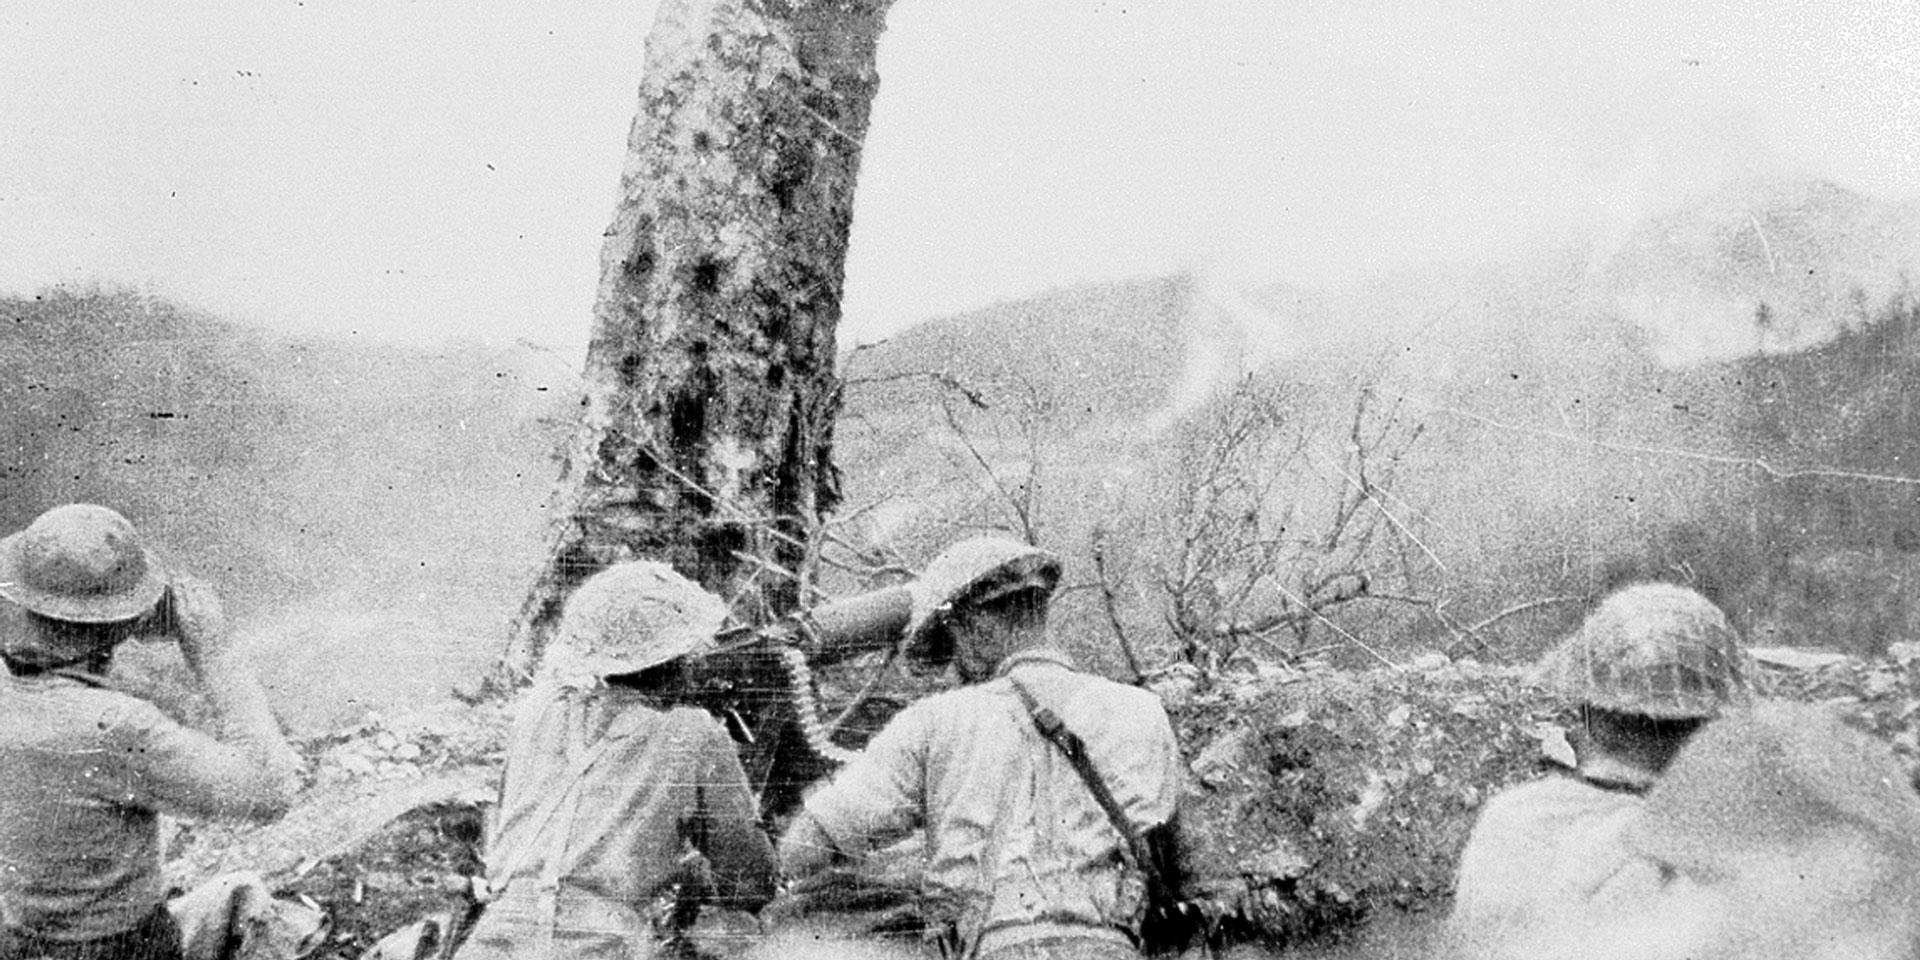 Gurkhas open fire during an attack near Palel, April 1944